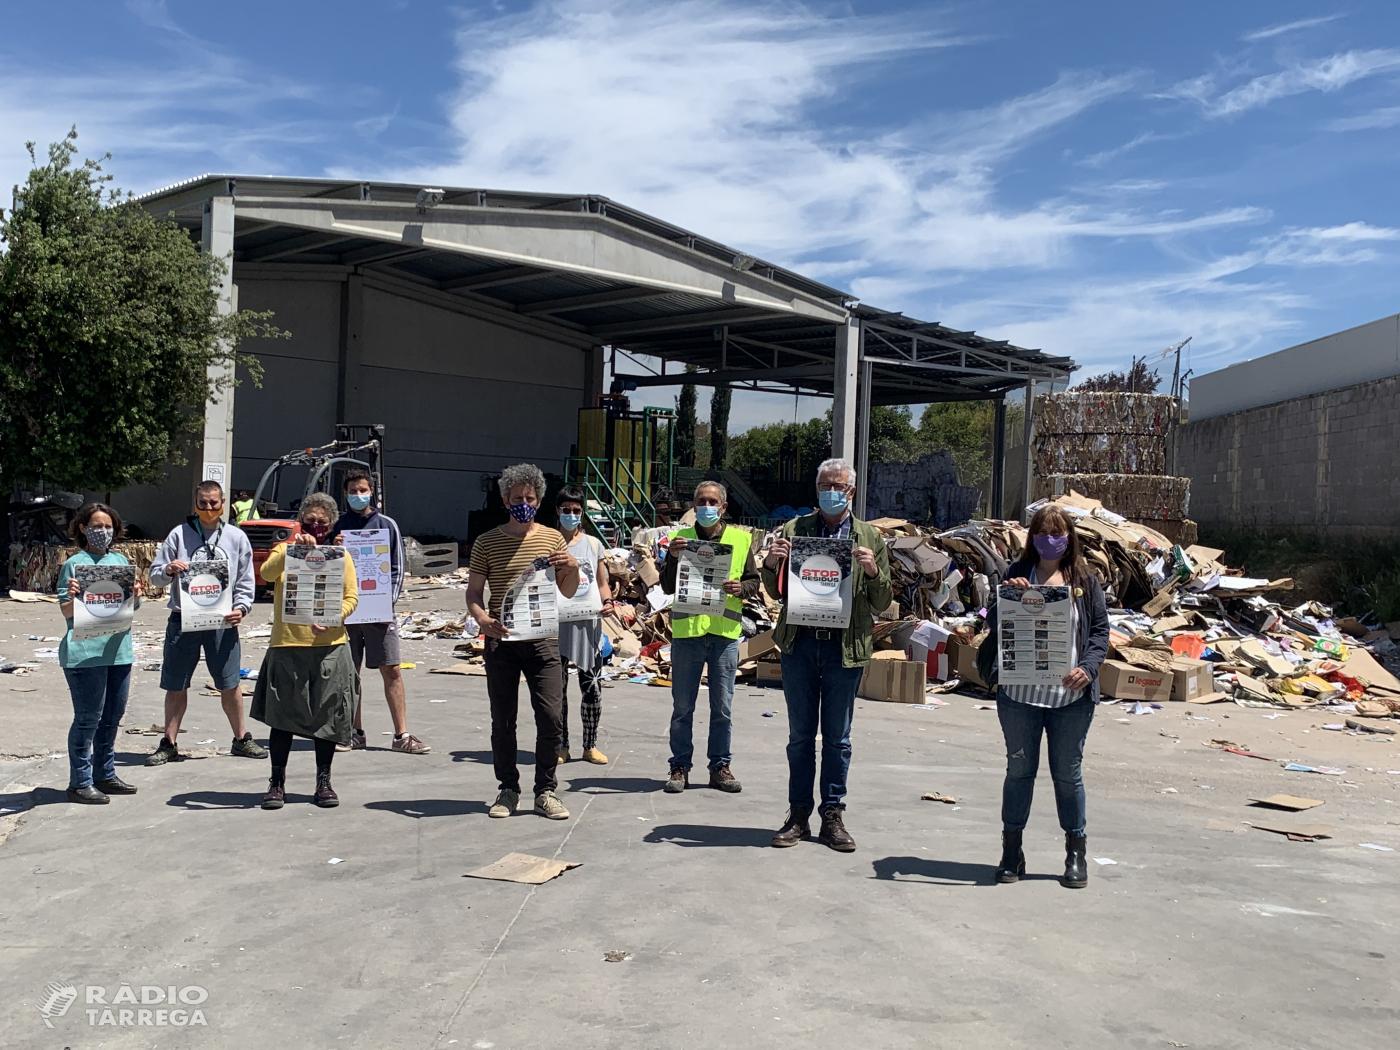 Nova campanya 'STOP residus' a Tàrrega